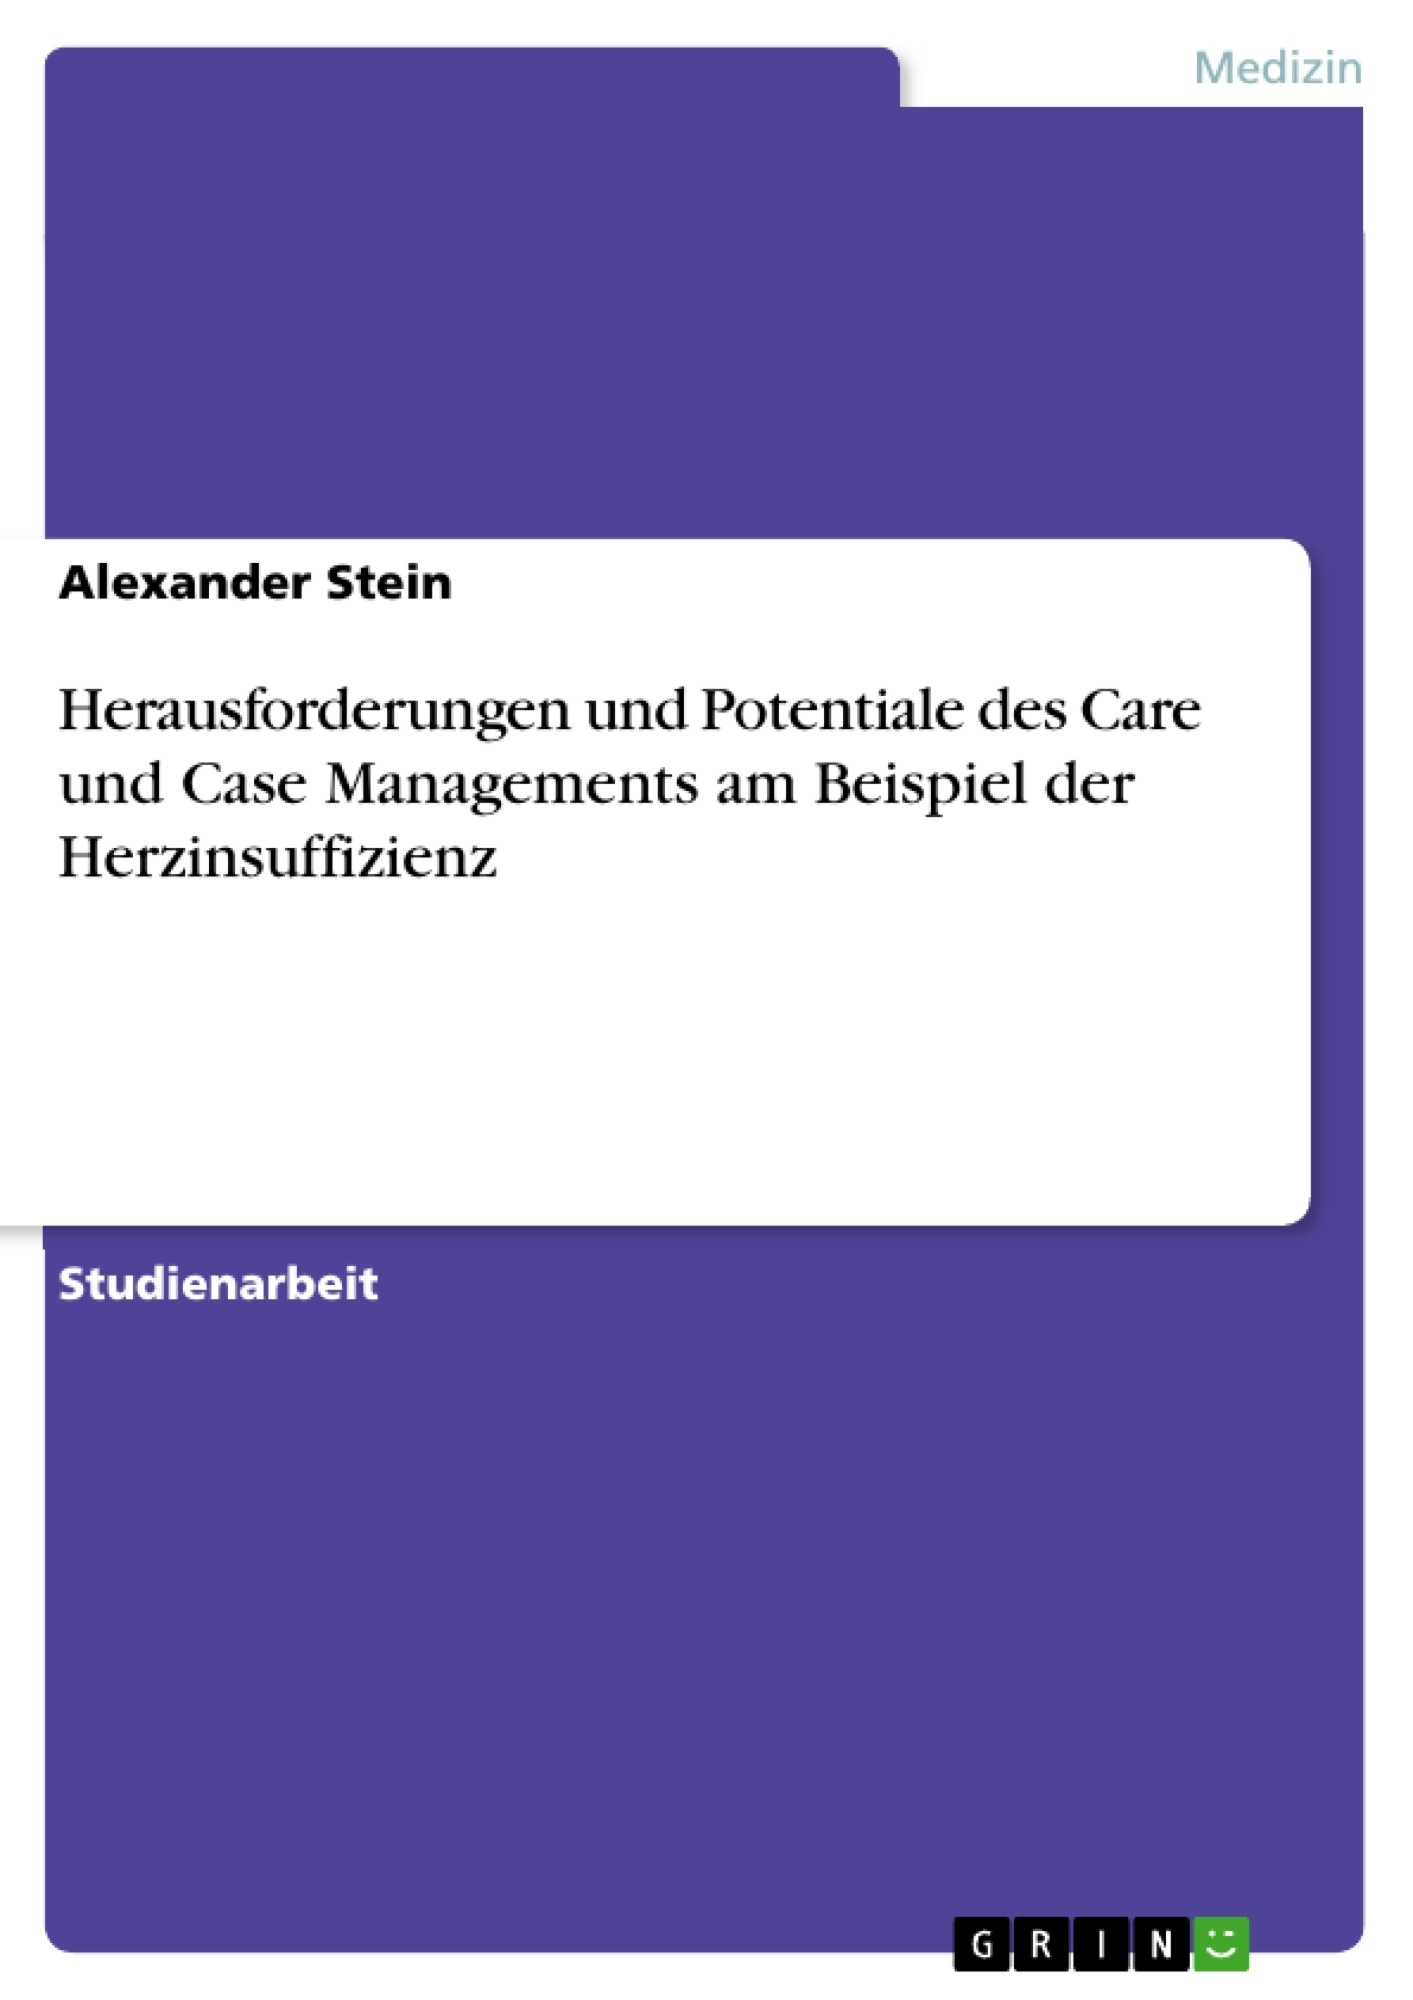 Titel: Herausforderungen und Potentiale des Care und Case Managements am Beispiel der Herzinsuffizienz